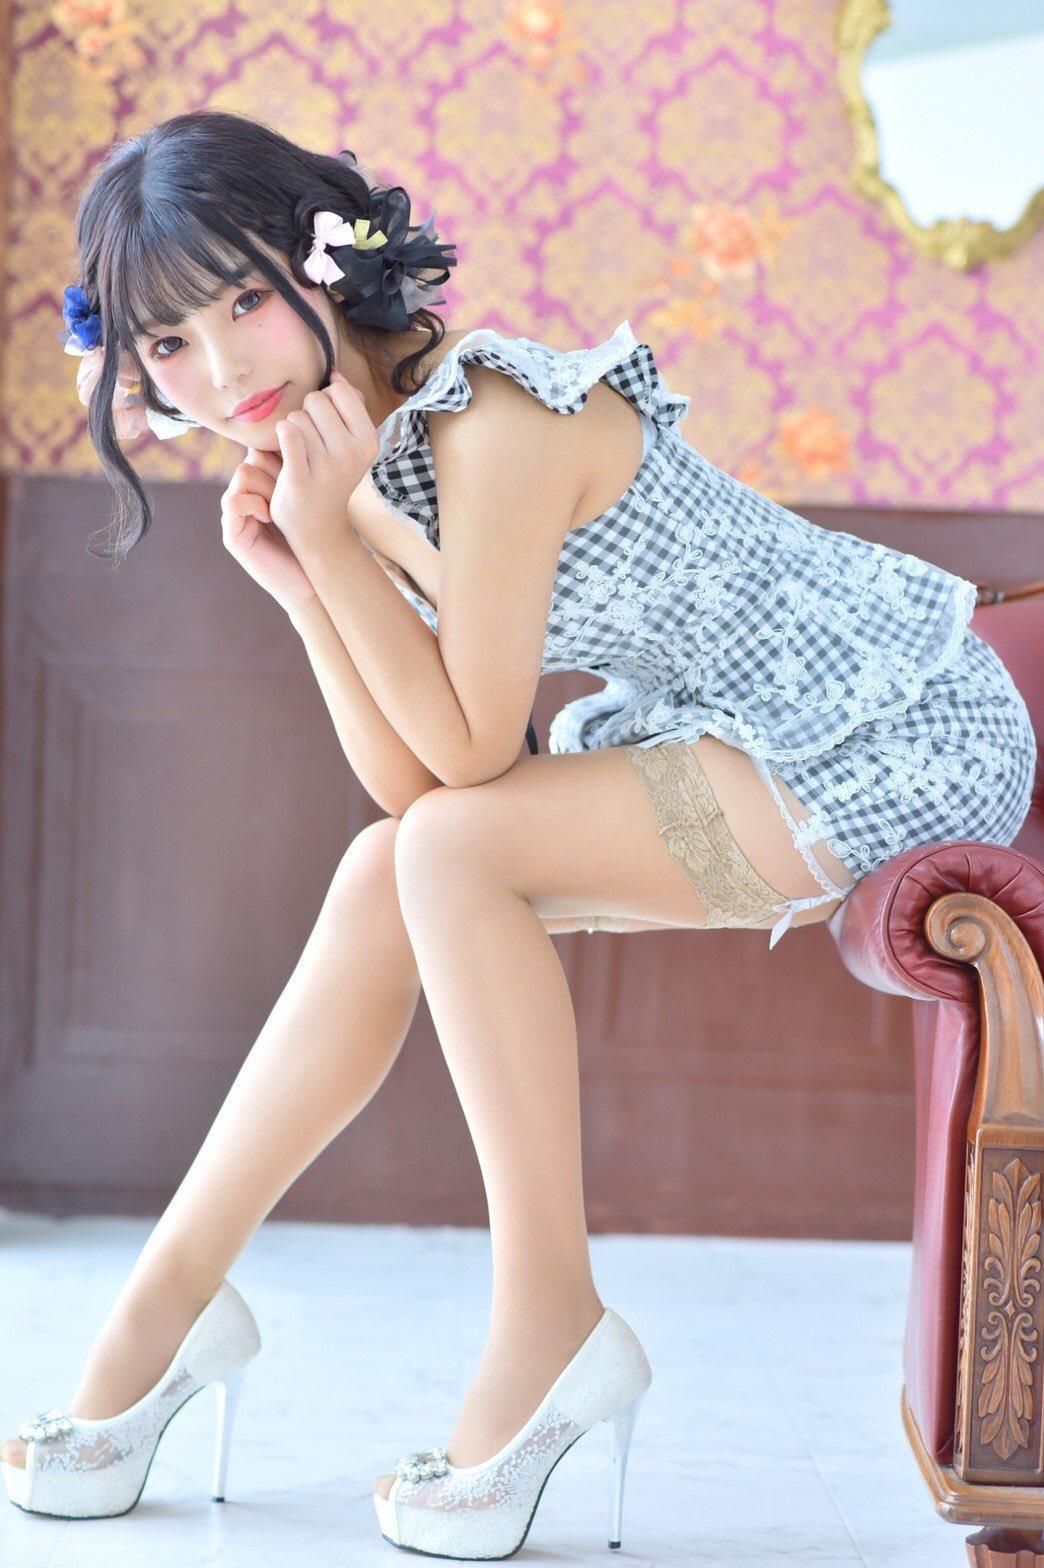 たった3万円でこんな可愛い子とエッチできる日本とかいう国